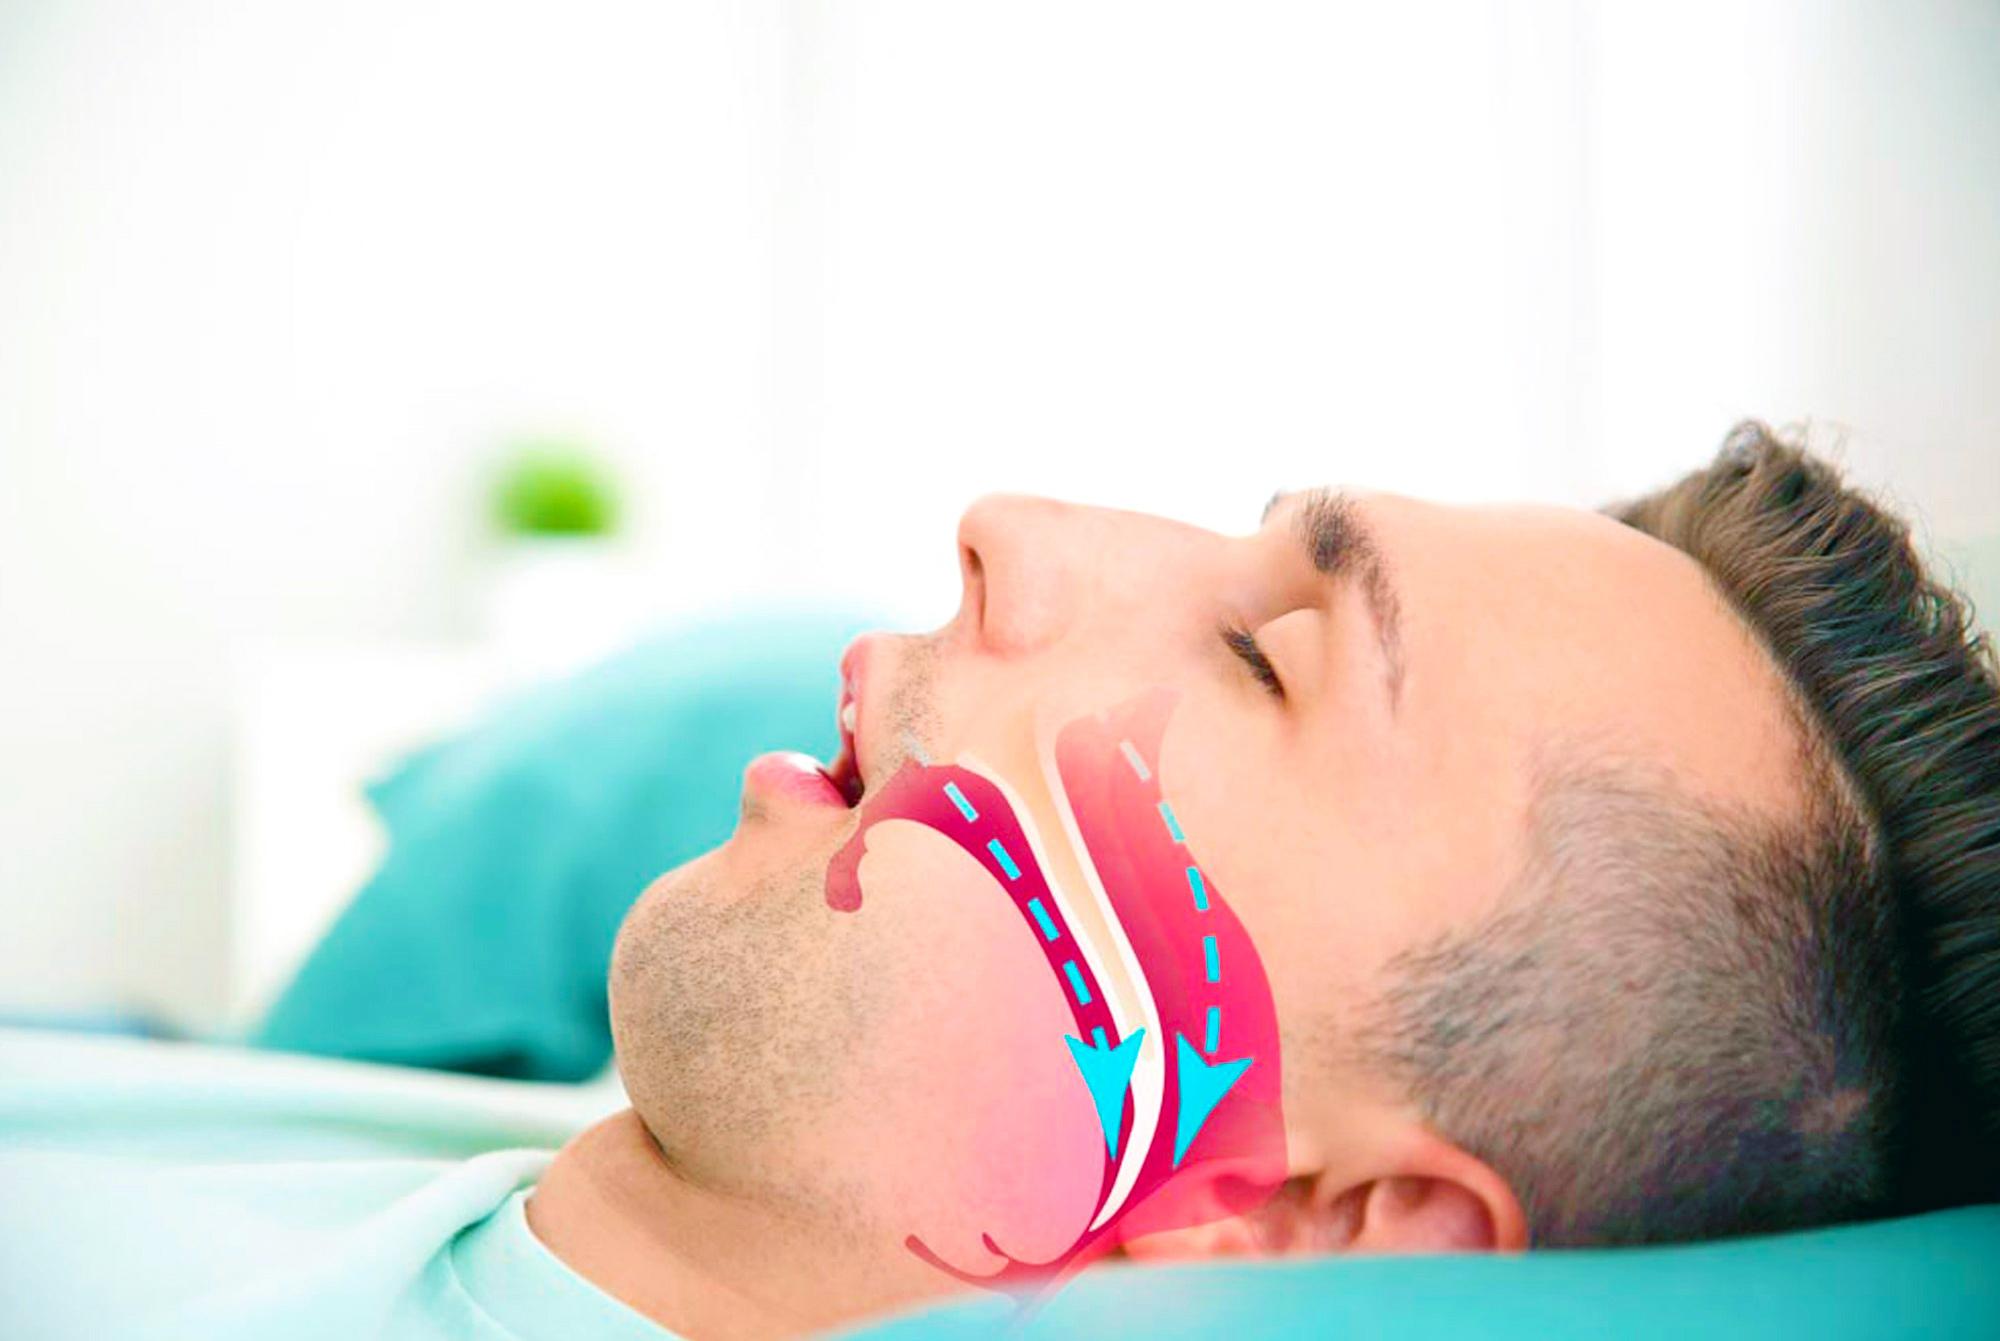 Можно ли умереть от апноэ во сне? Типы, симптомы и методы лечения апноэ сна